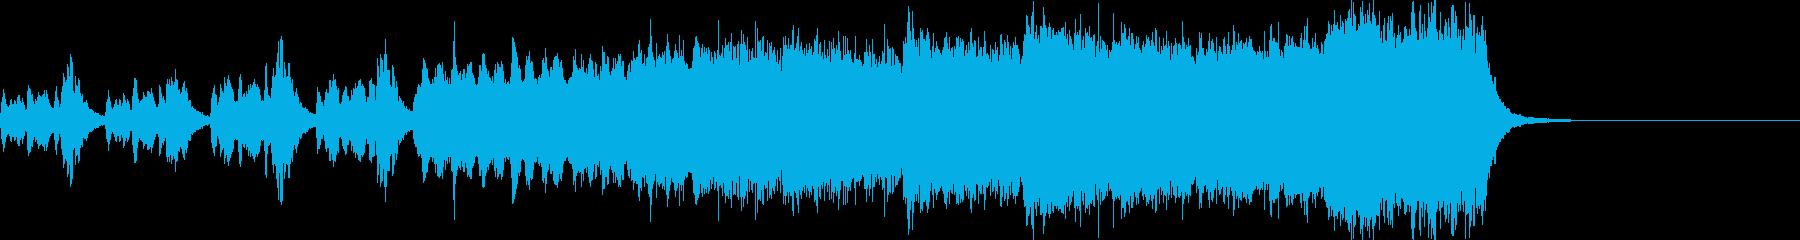 パイプオルガンの厳粛な音色が印象的の再生済みの波形